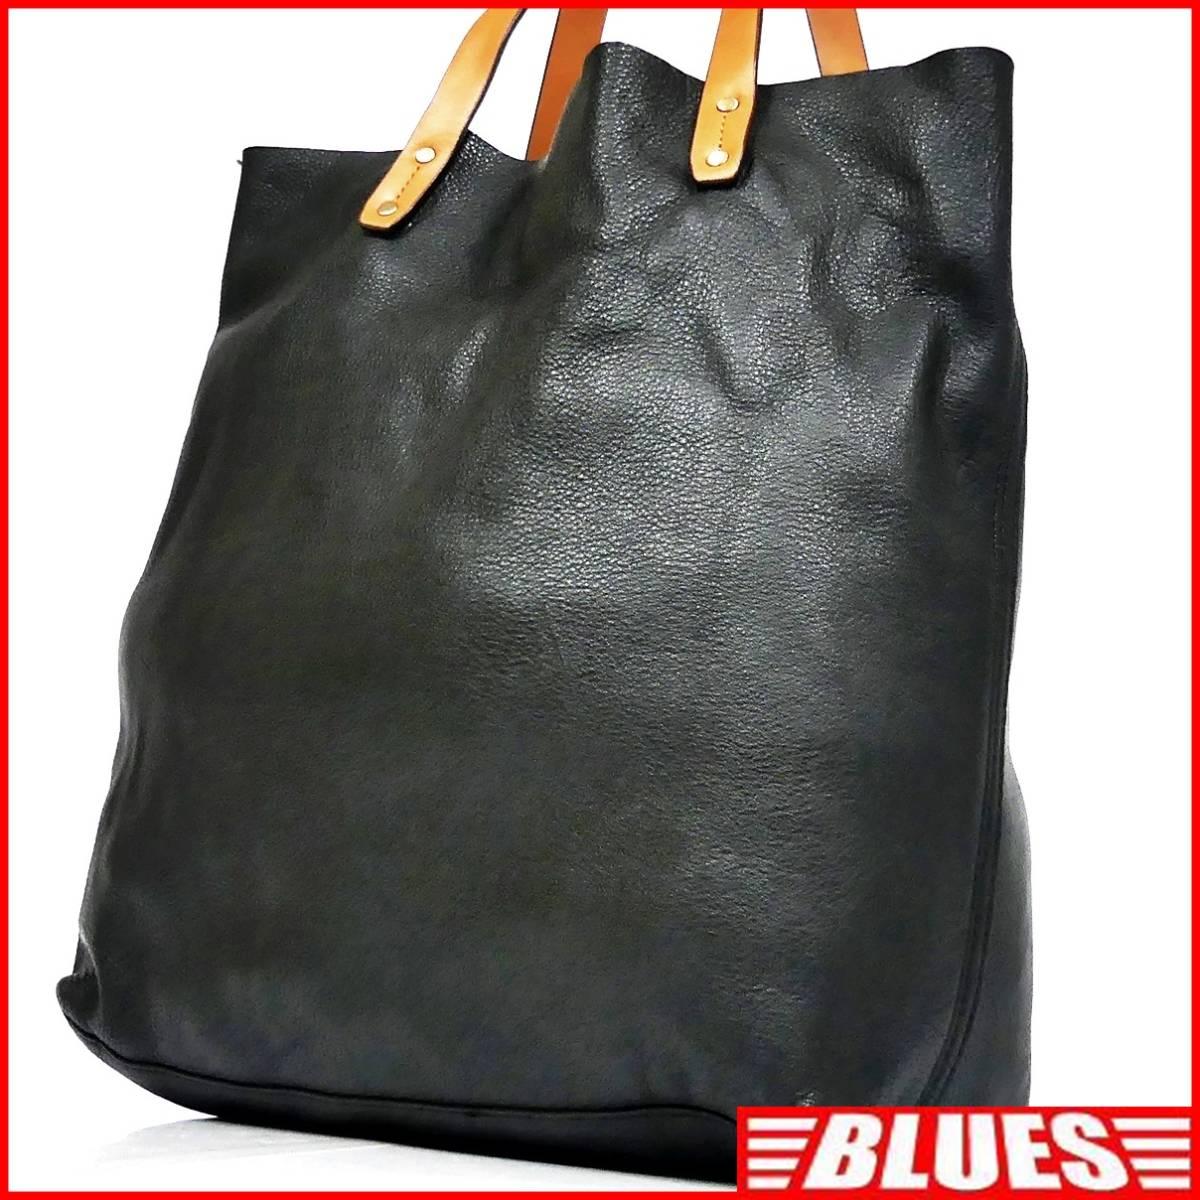 即決★GAP★オールレザートートバッグ ギャップ メンズ 黒 本革 ハンドバッグ 本皮 かばん 通勤 トラベル 出張 手提げバッグ 鞄 レディース_画像1